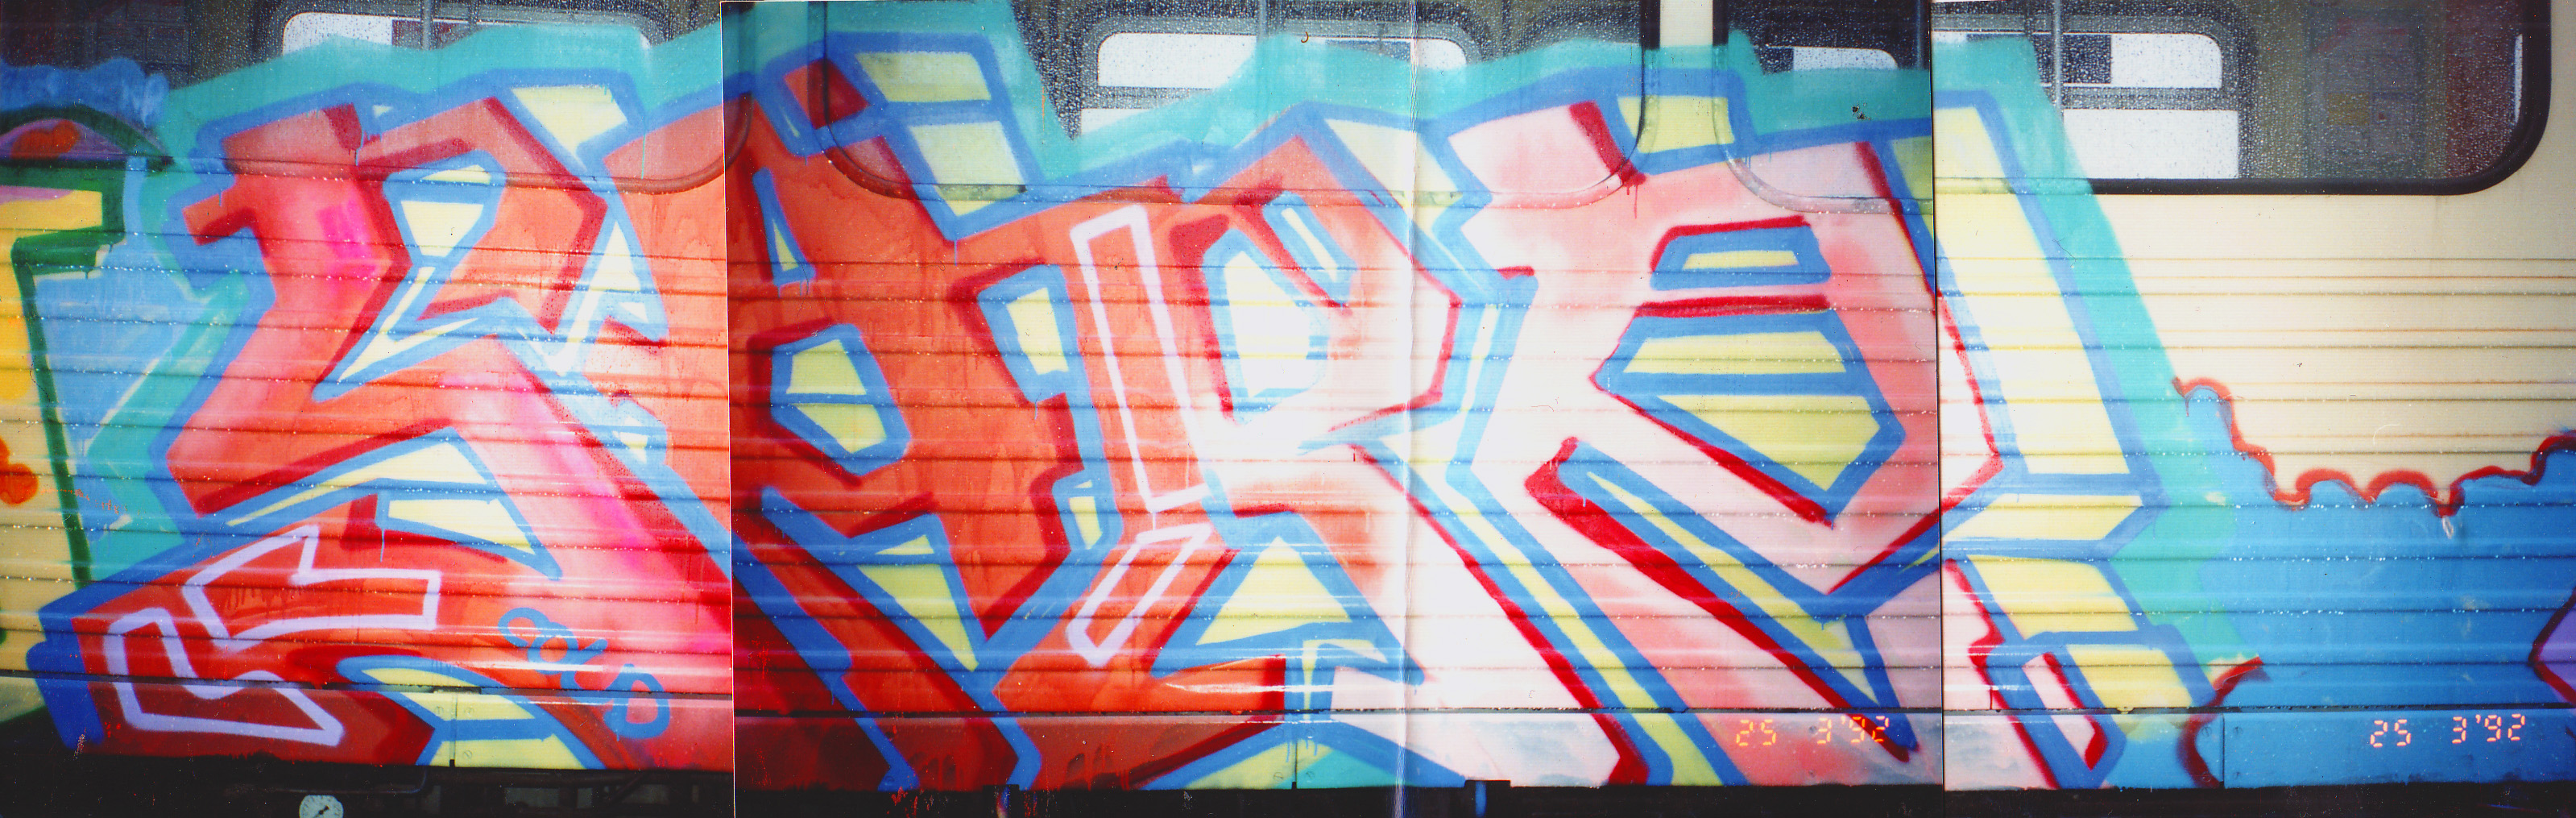 Sare-train1992